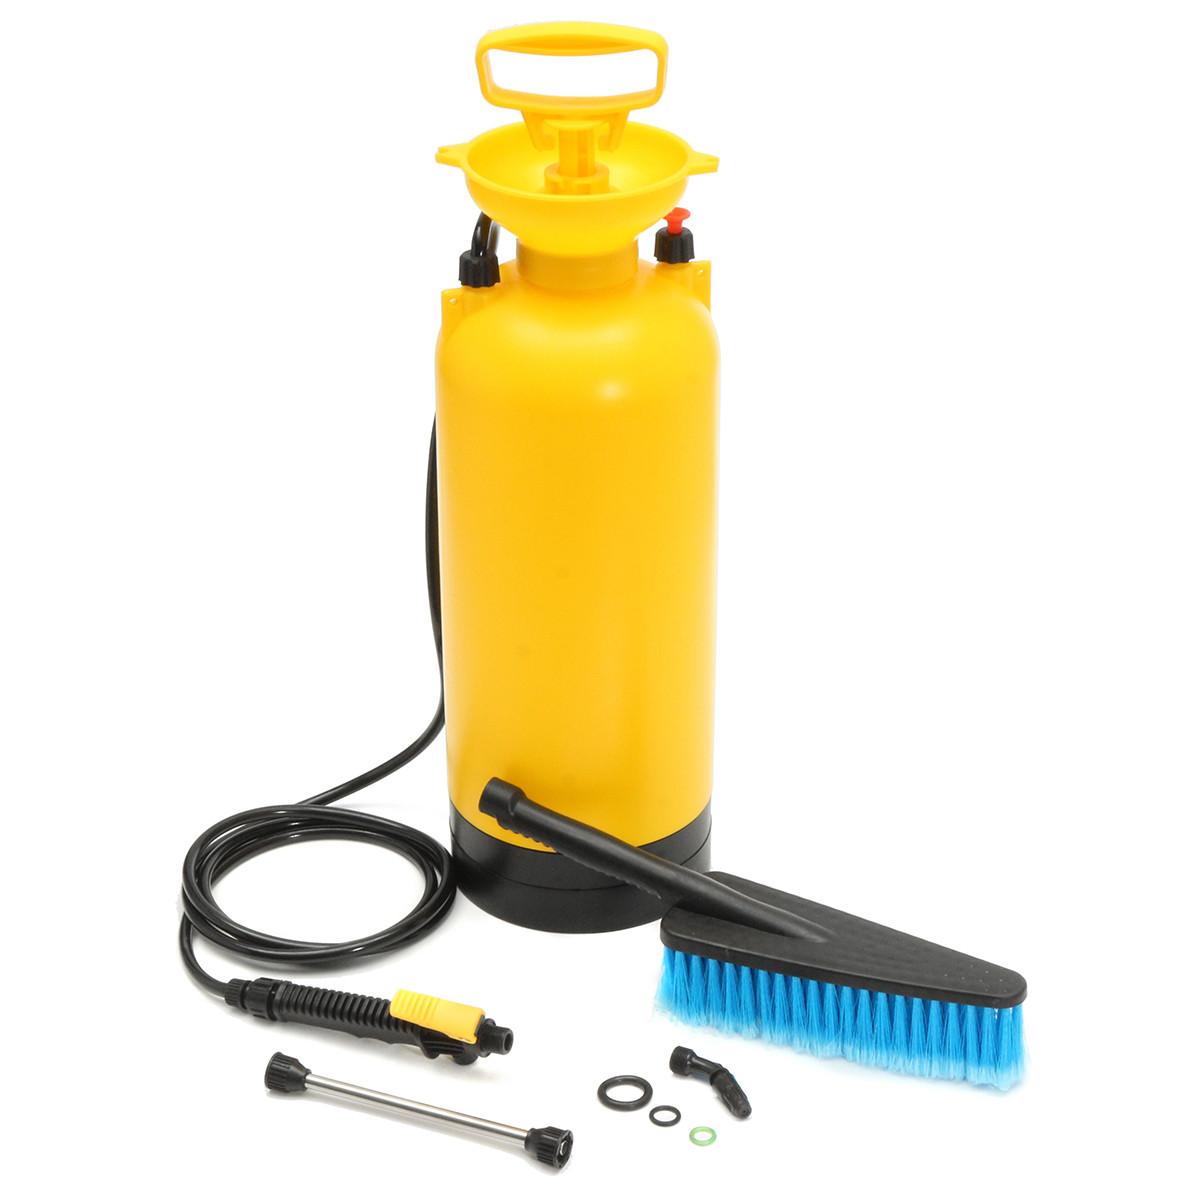 8L Переносная моечная машина высокого давления Насос Spray Авто Wash Щетка Шланг Lance Cleaner - ➊TopShop ➠ Товары из Китая с бесплатной доставкой в Украину! в Днепре